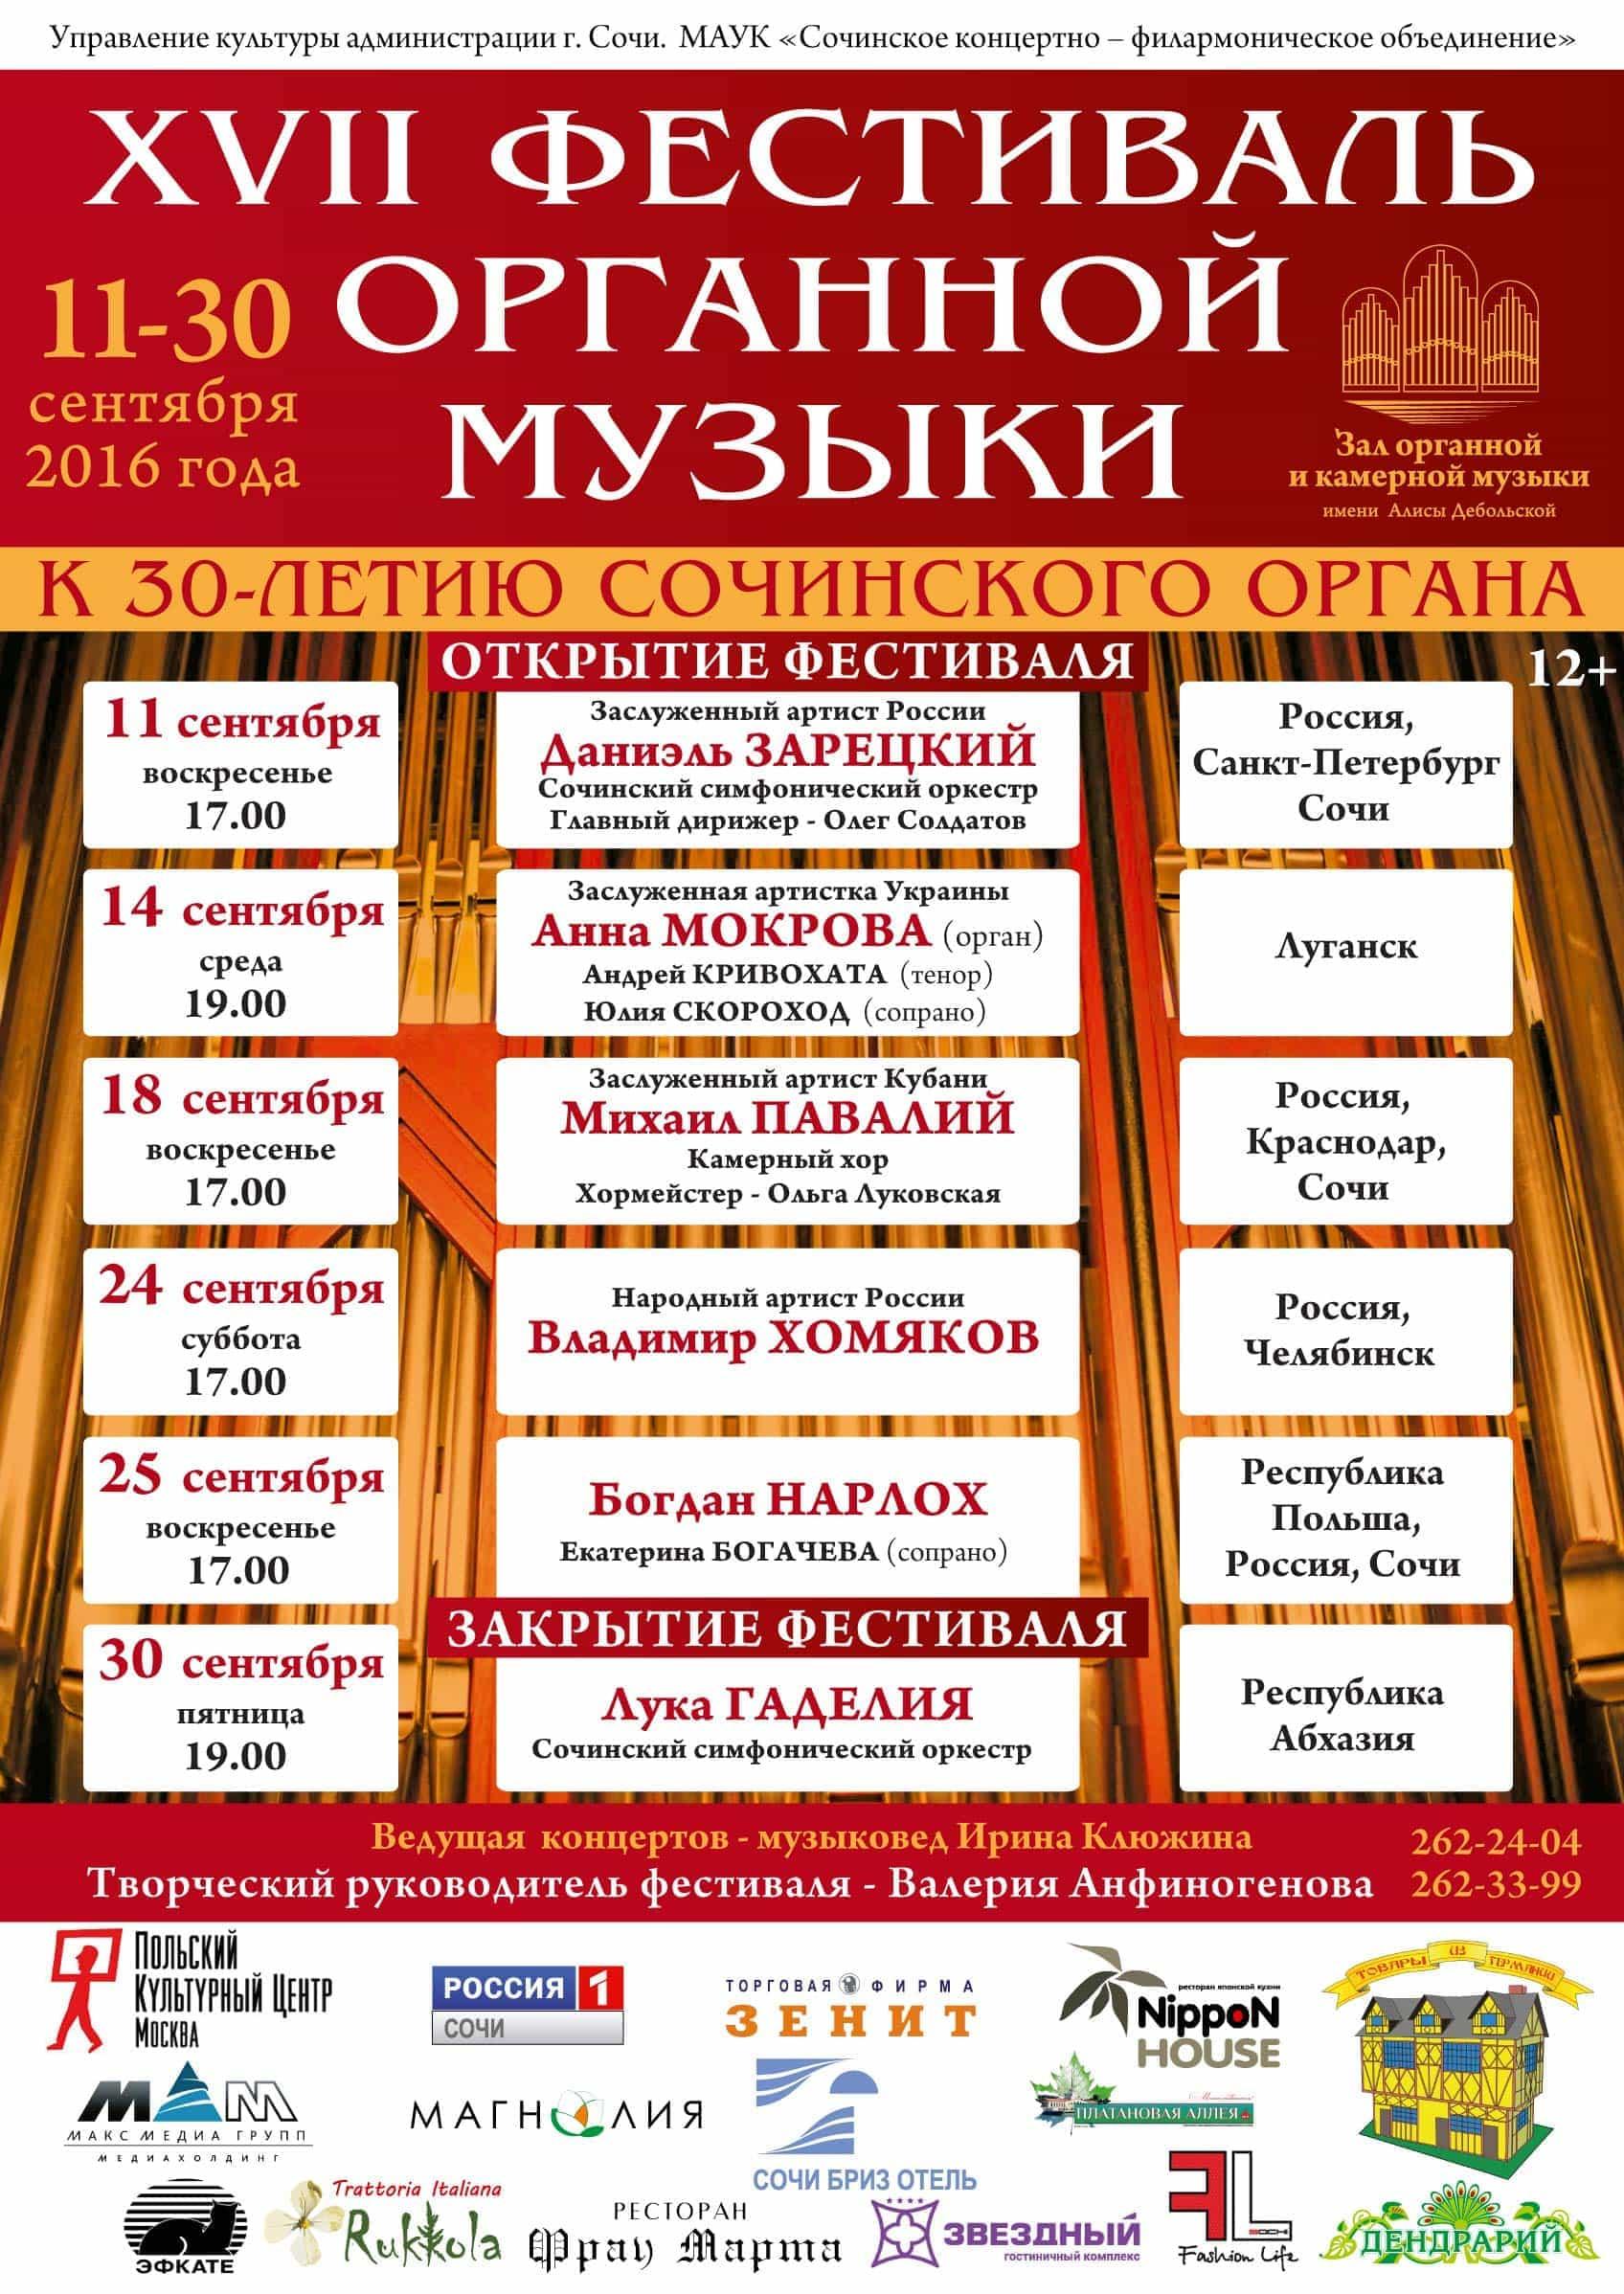 XVII Международный органный фестиваль в Сочи